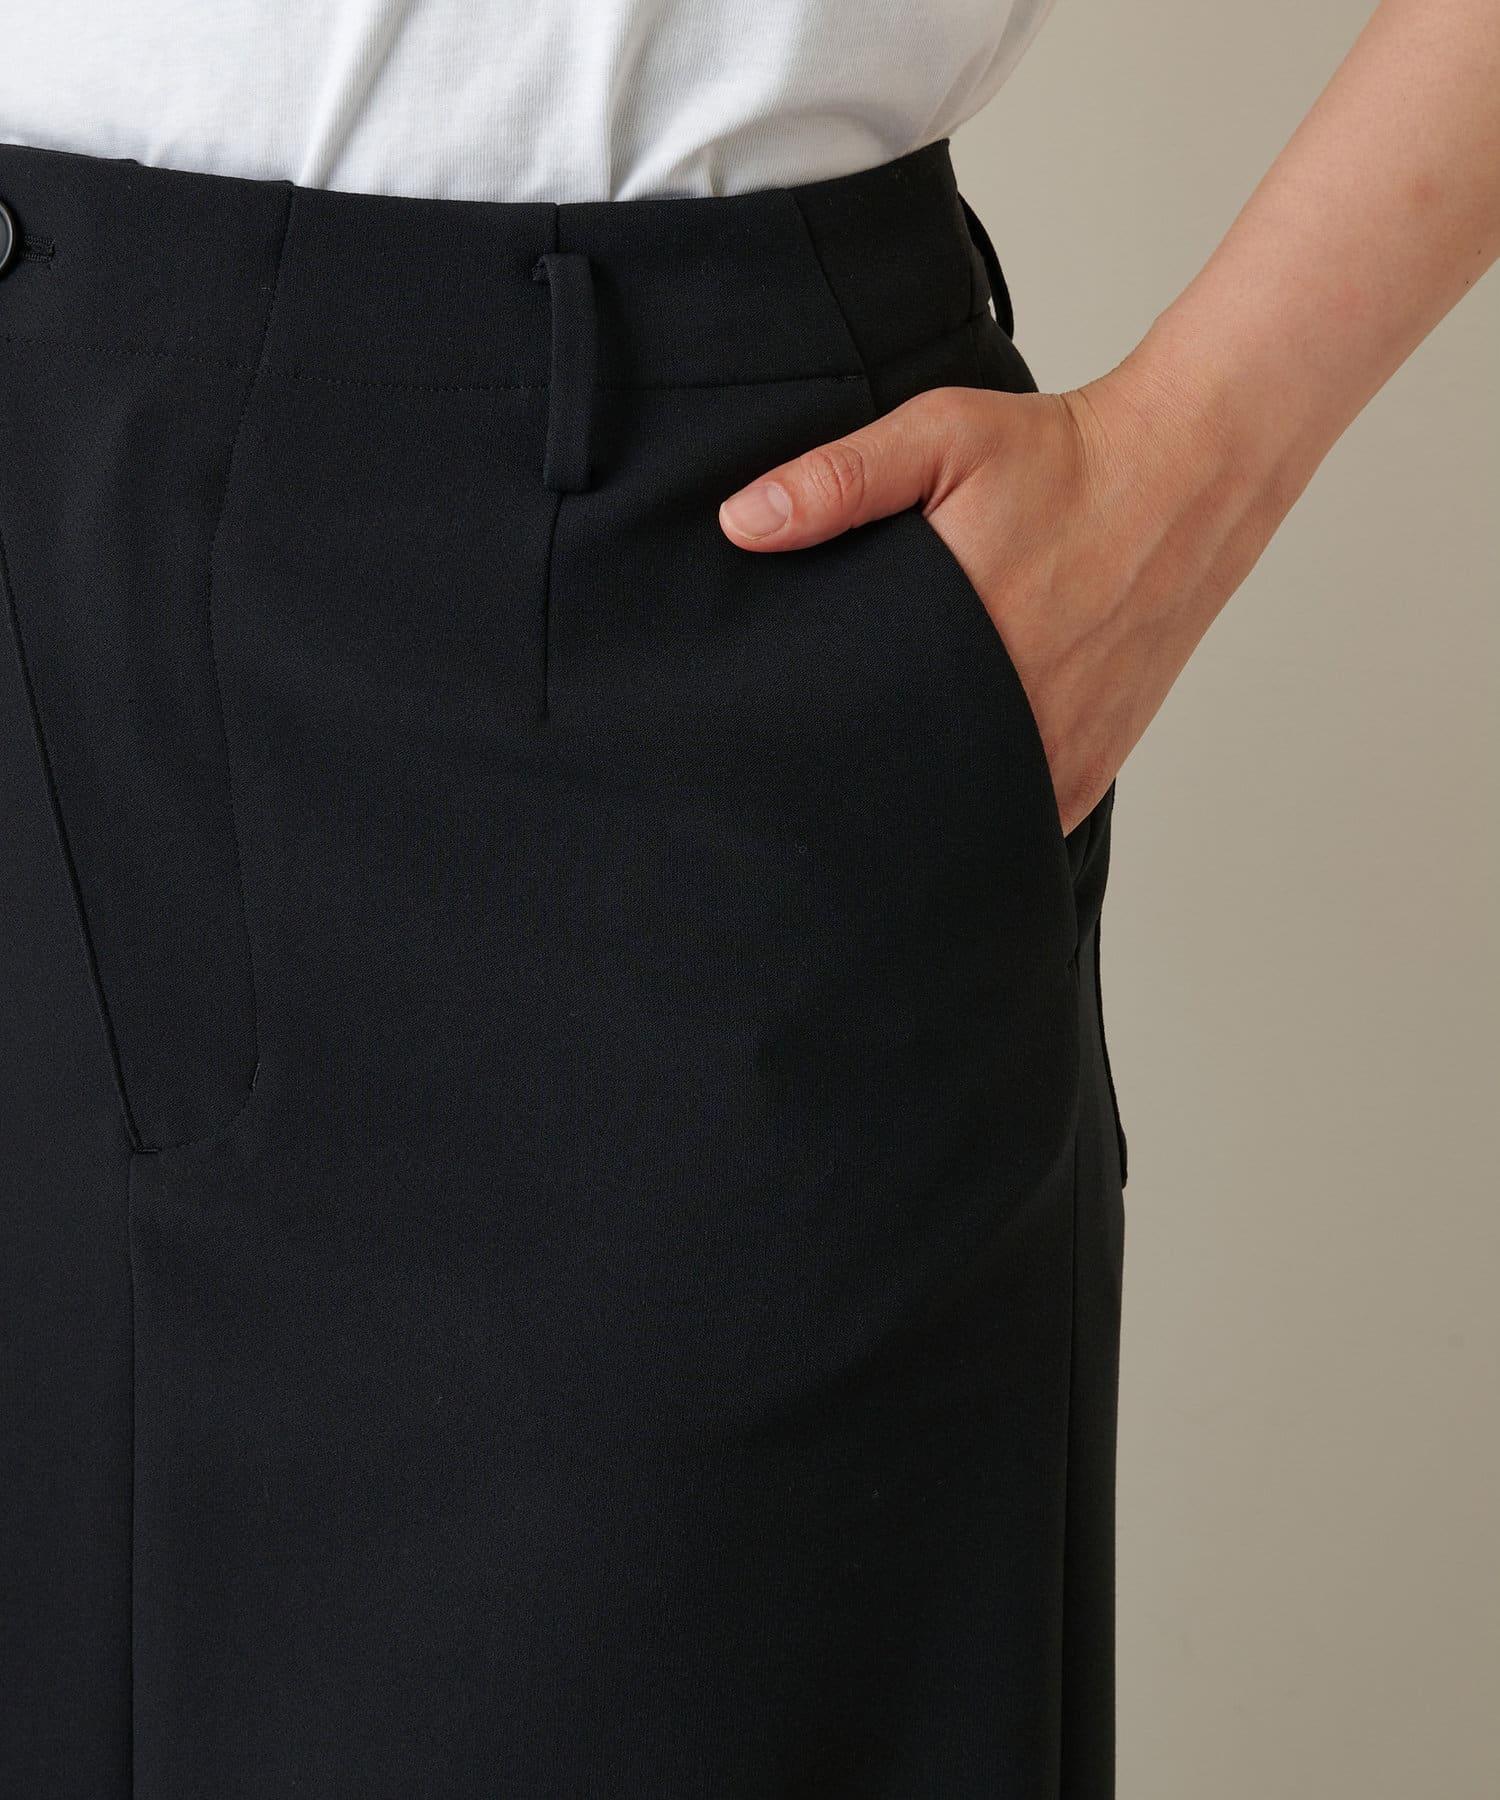 GALLARDAGALANTE(ガリャルダガランテ) タイトミディスカート